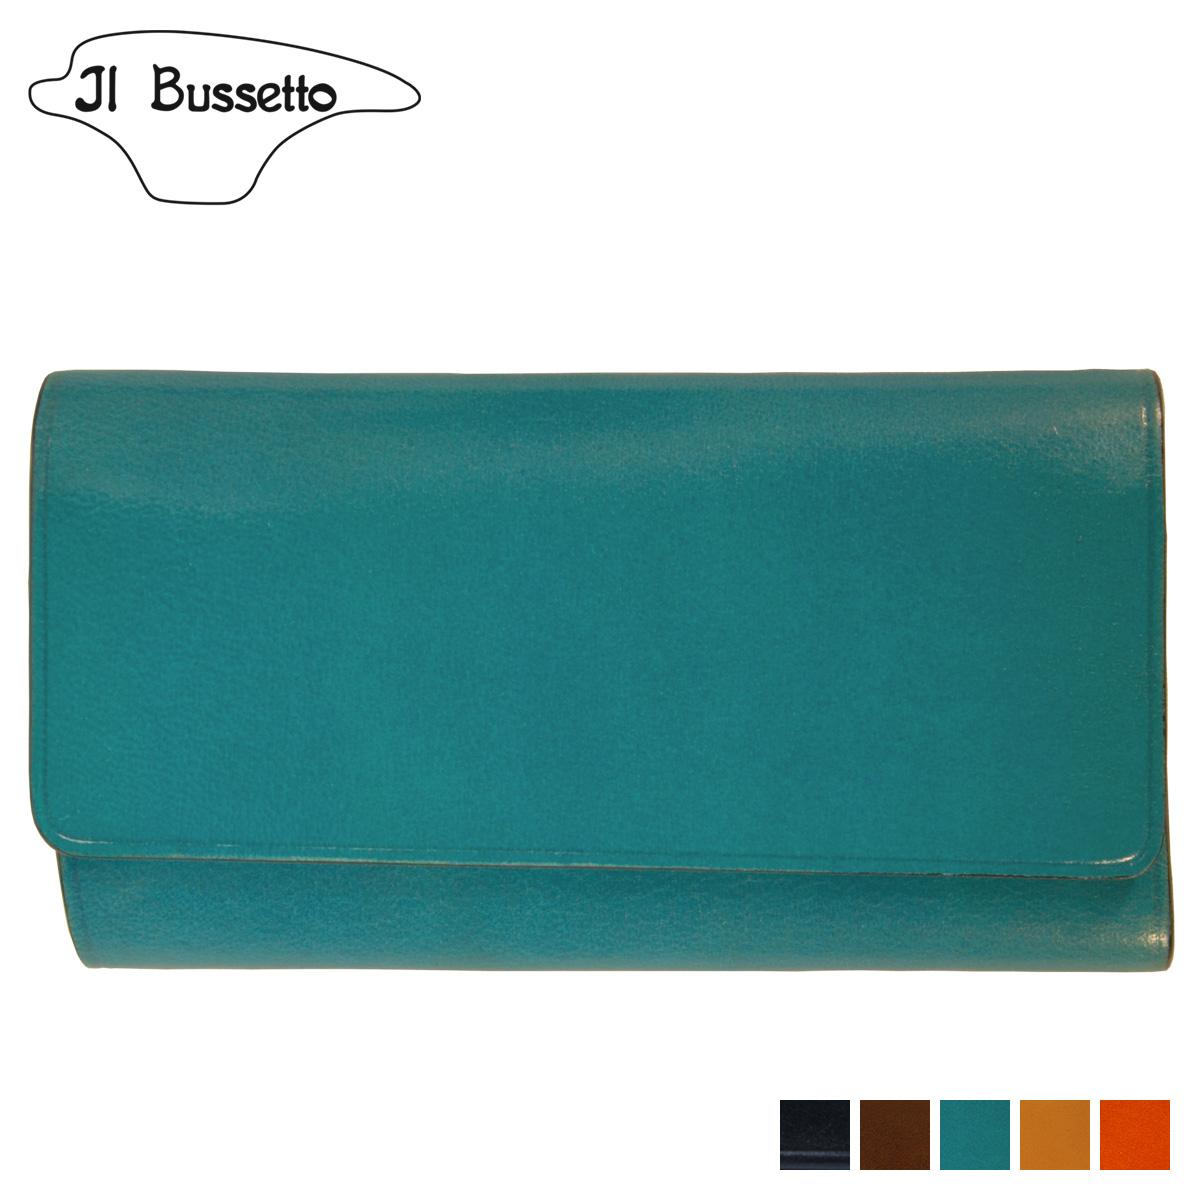 イルブセット Il Bussetto キーケース キーホルダー メンズ 4連 本革 KEY CASE ネイビー ダーク ブラウン ライト ブルー イエロー オレンジ 781520